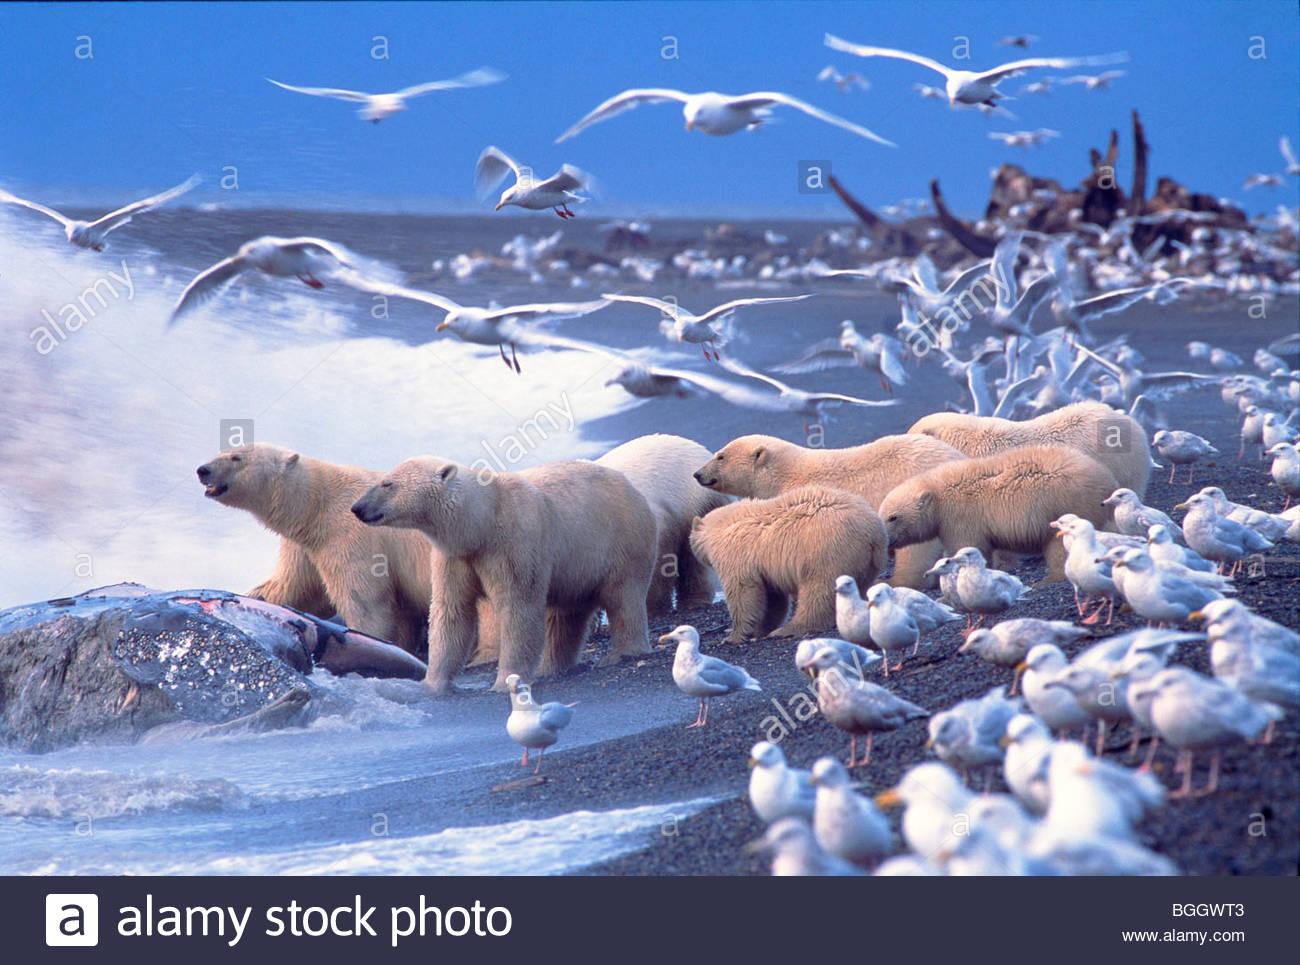 Eisbären (Ursus Maritimus) versammeln sich um grau Walkadaver, umgeben von Glaucous Möwen. Nordhang, Alaska. Stockbild